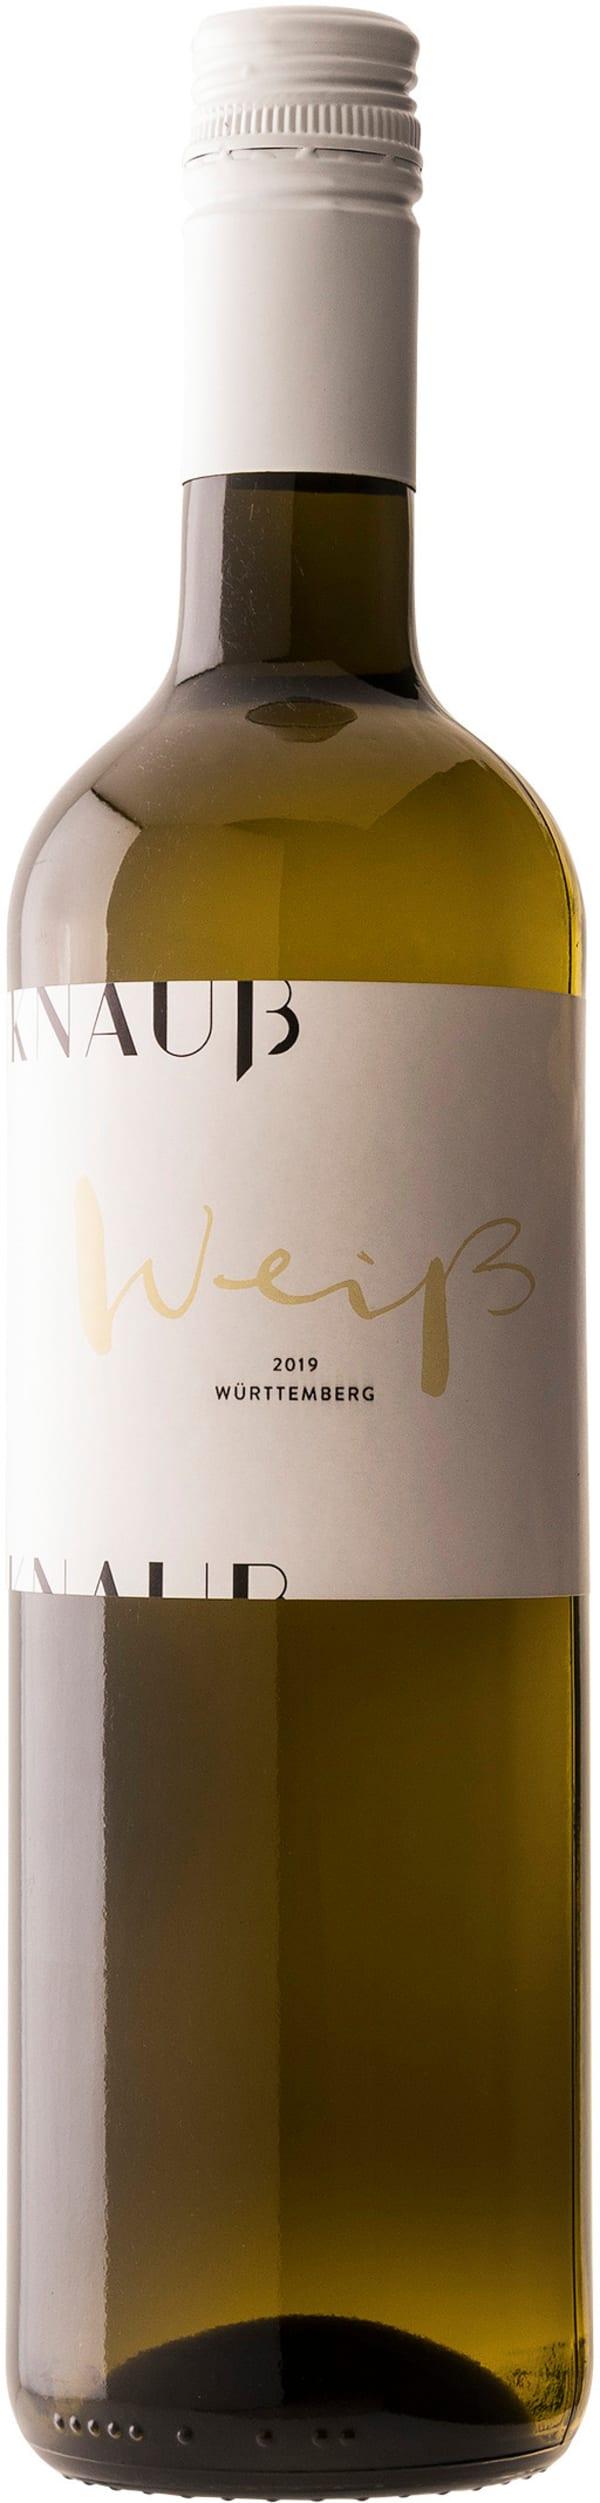 Knauss Weiss 2019